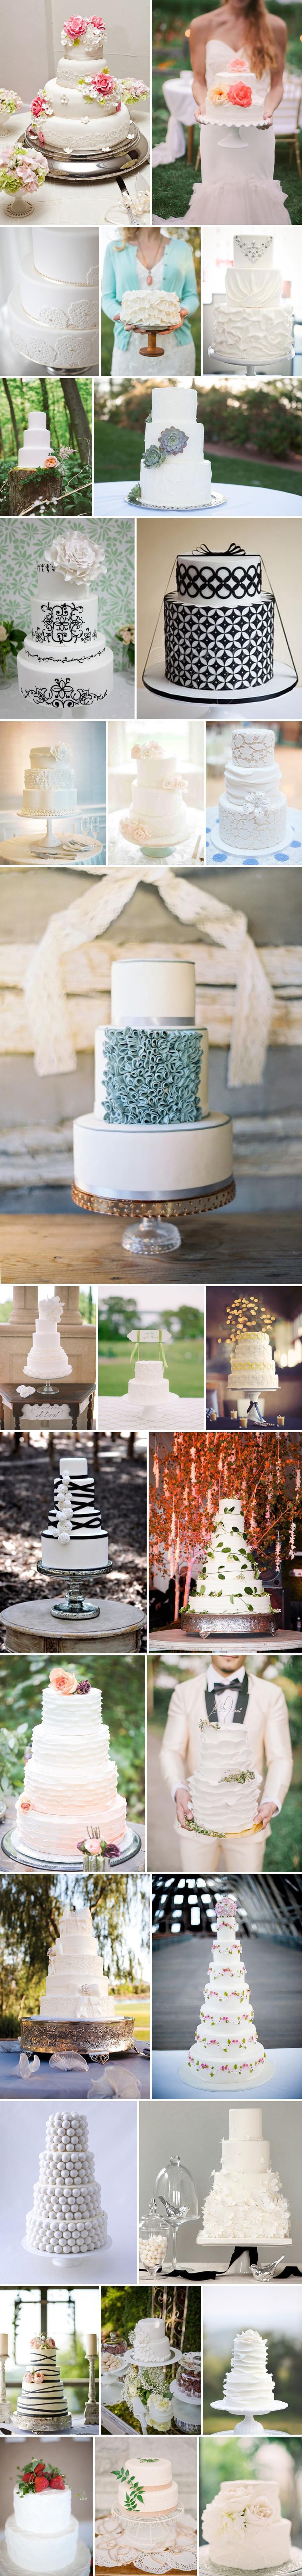 1 torty ślubne artystyczne białe